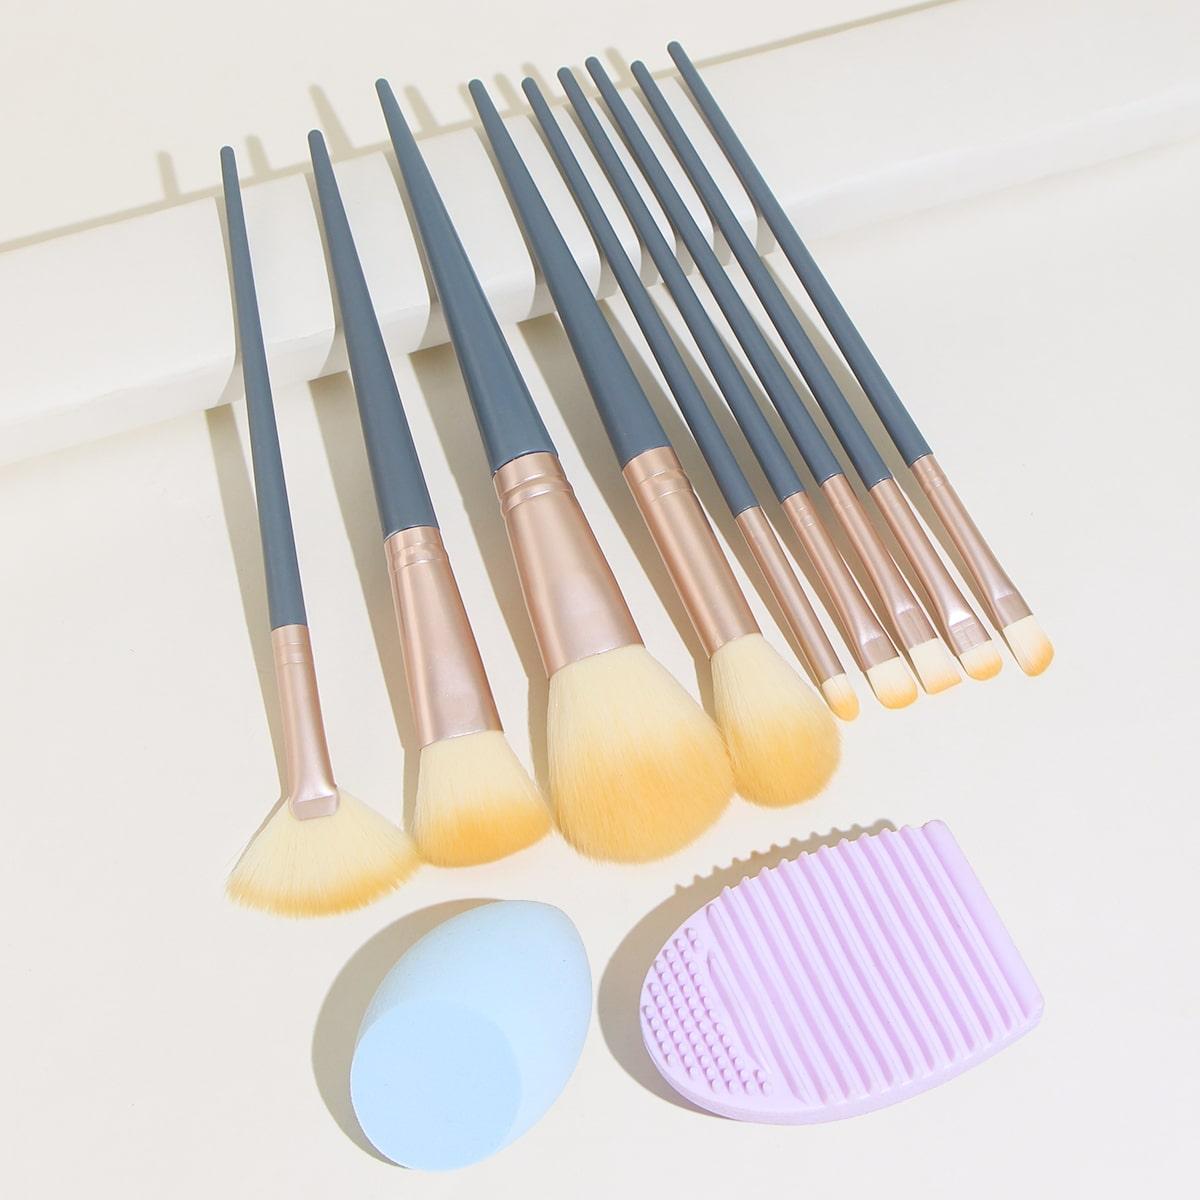 10шт кисть для макияжа & 1шт губка для макияжа и 1шт инструмент для очистки